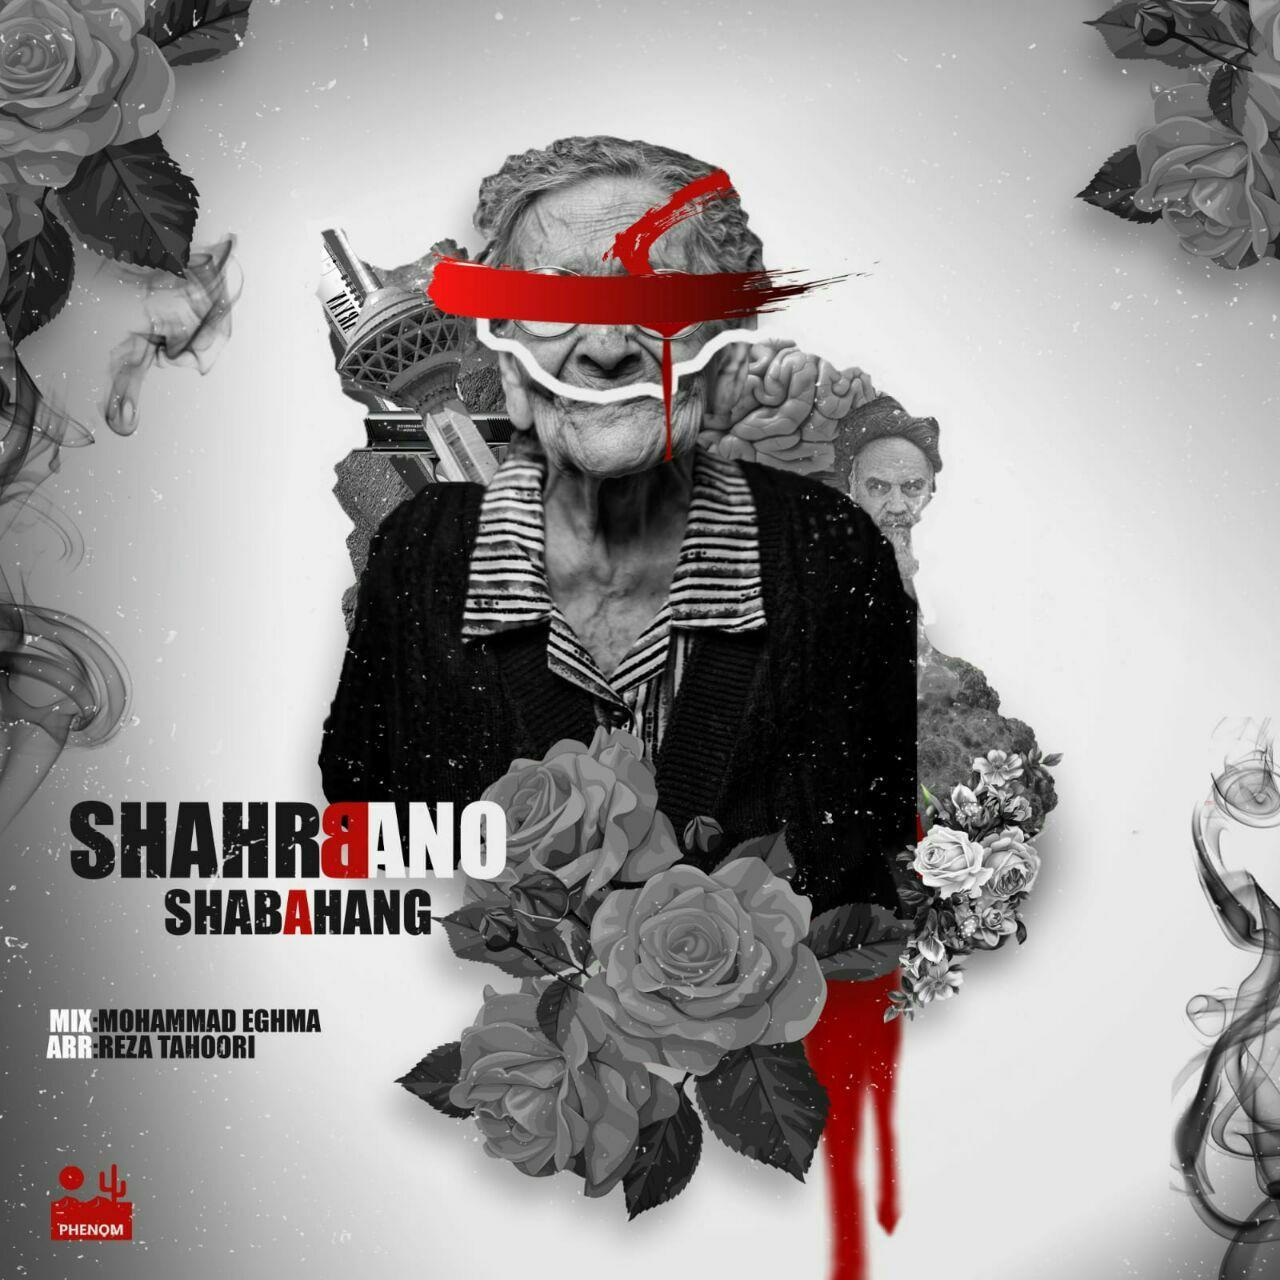 Shabahang – Shahrbanoo